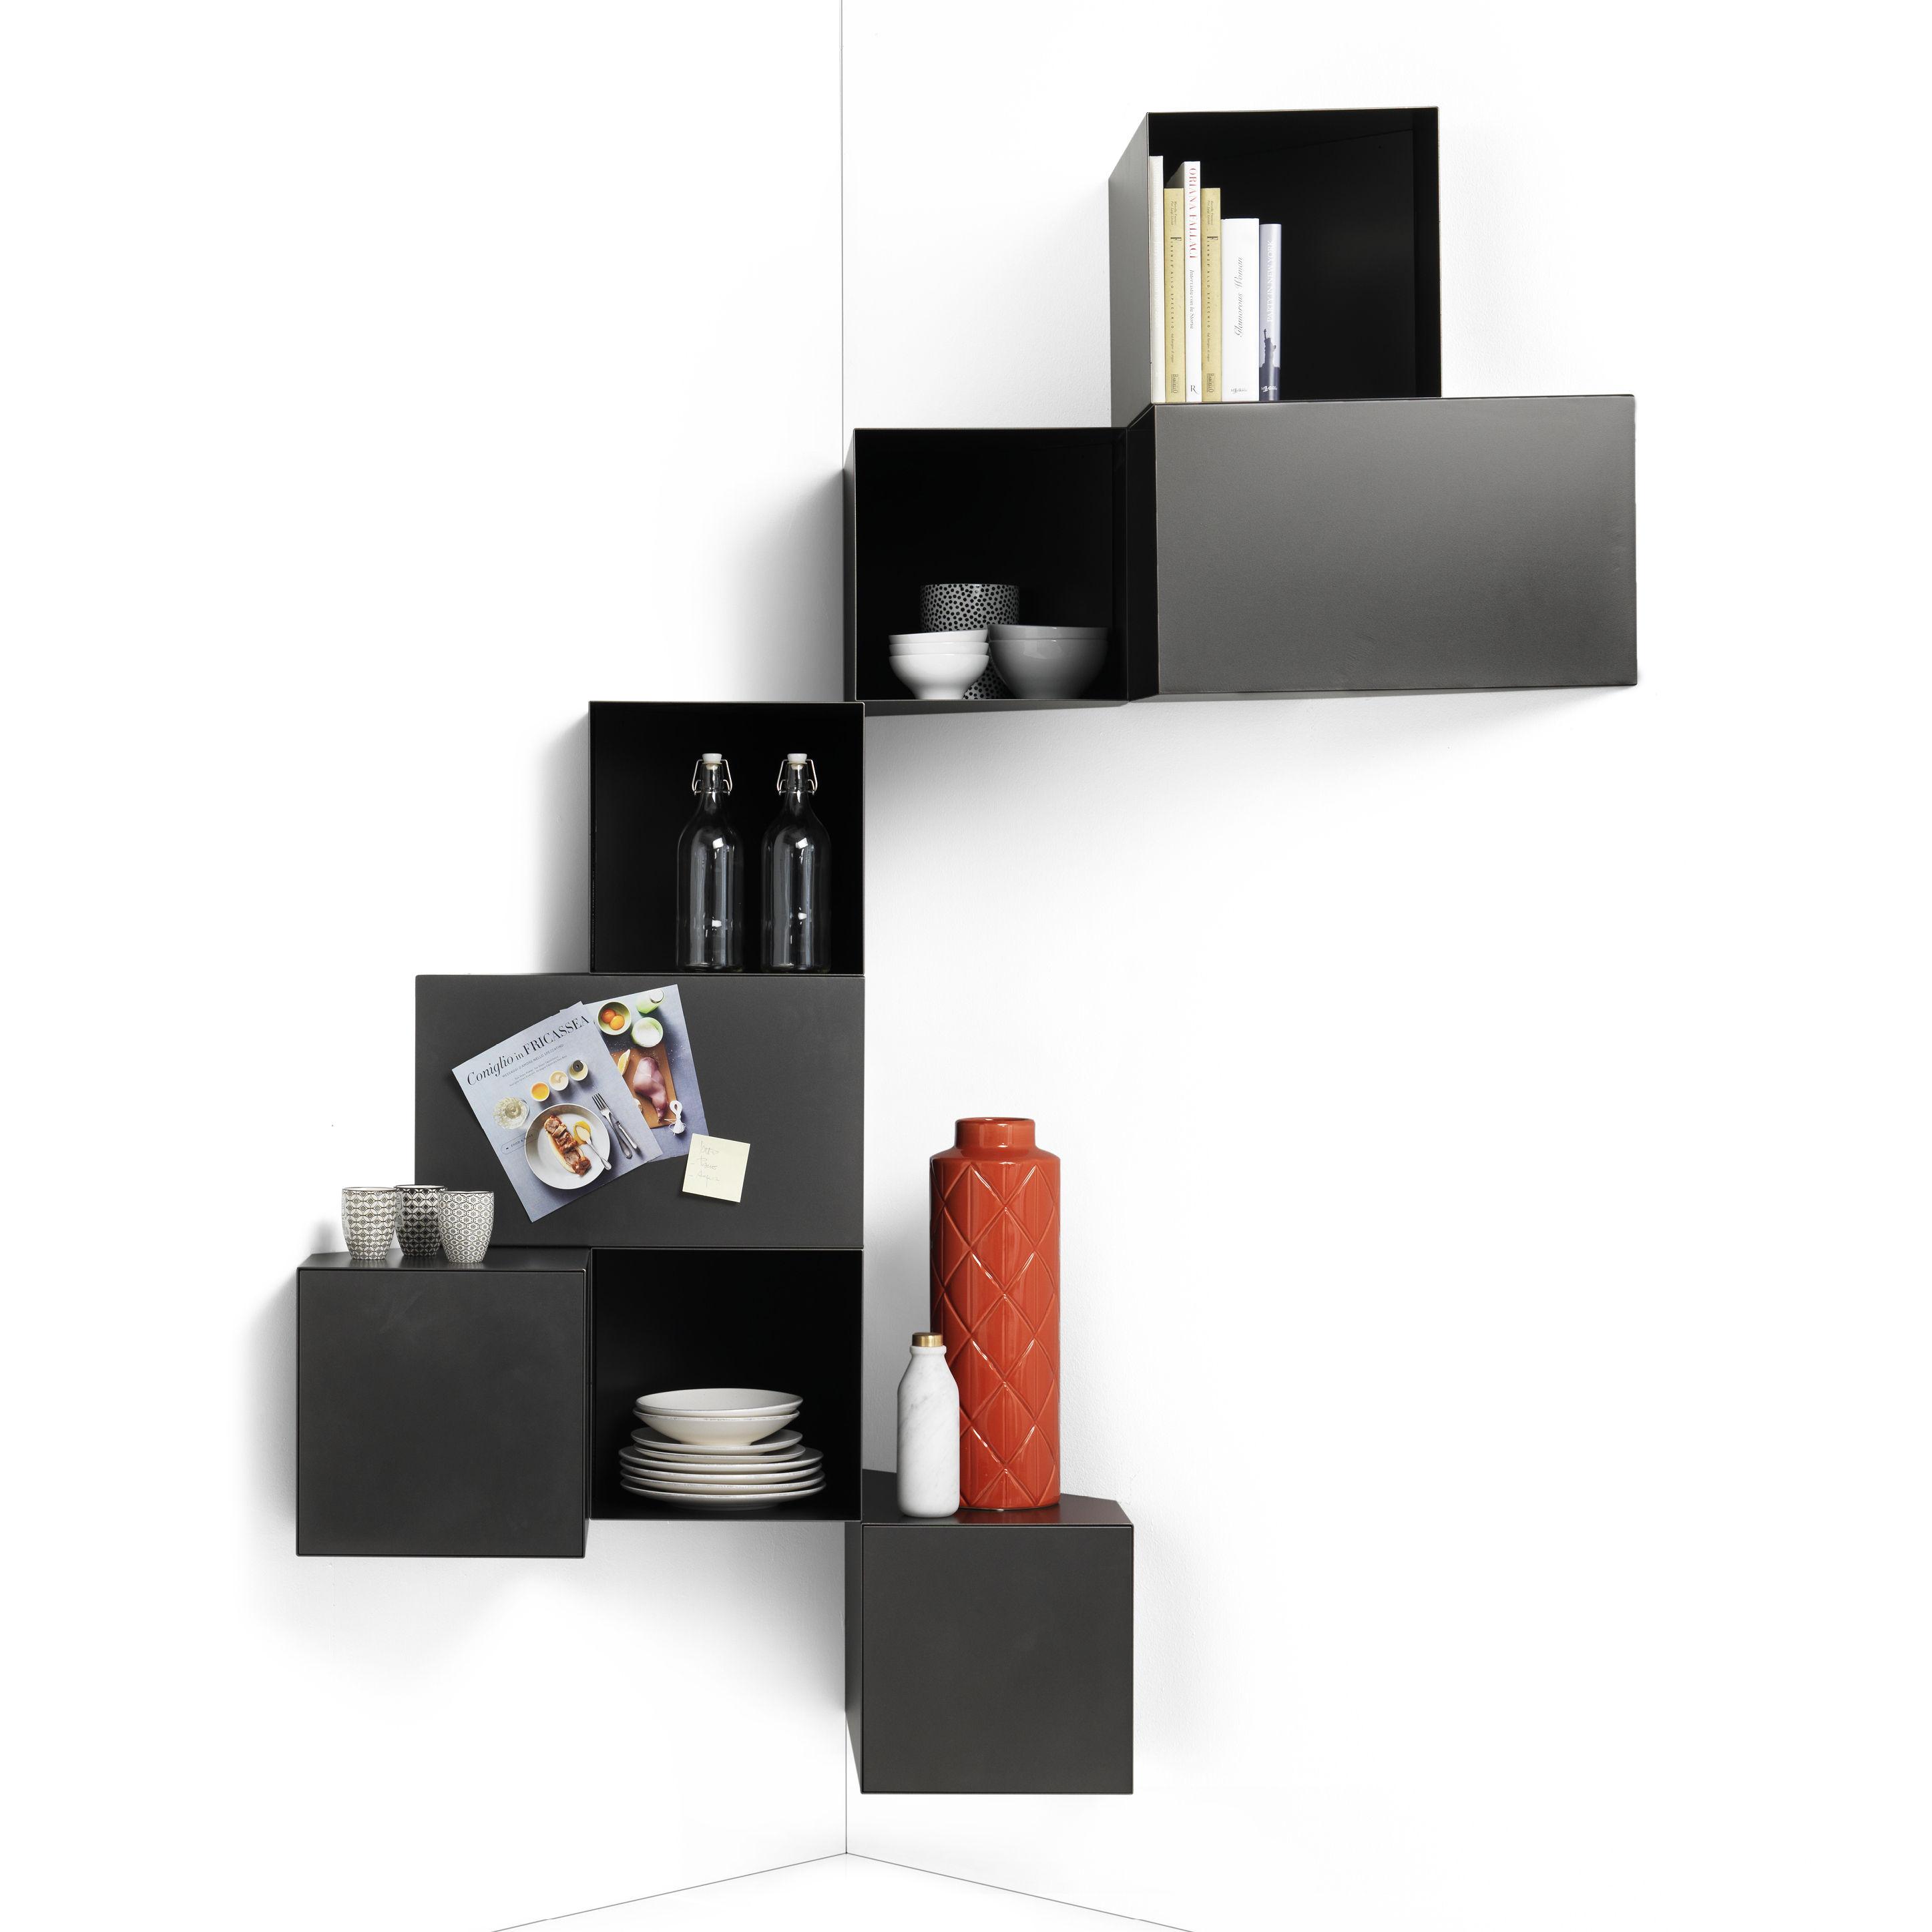 Mobilier - Etagères & bibliothèques - Etagère Cellula / Métal - 8 modules - Mogg - Bruni - Métal peint